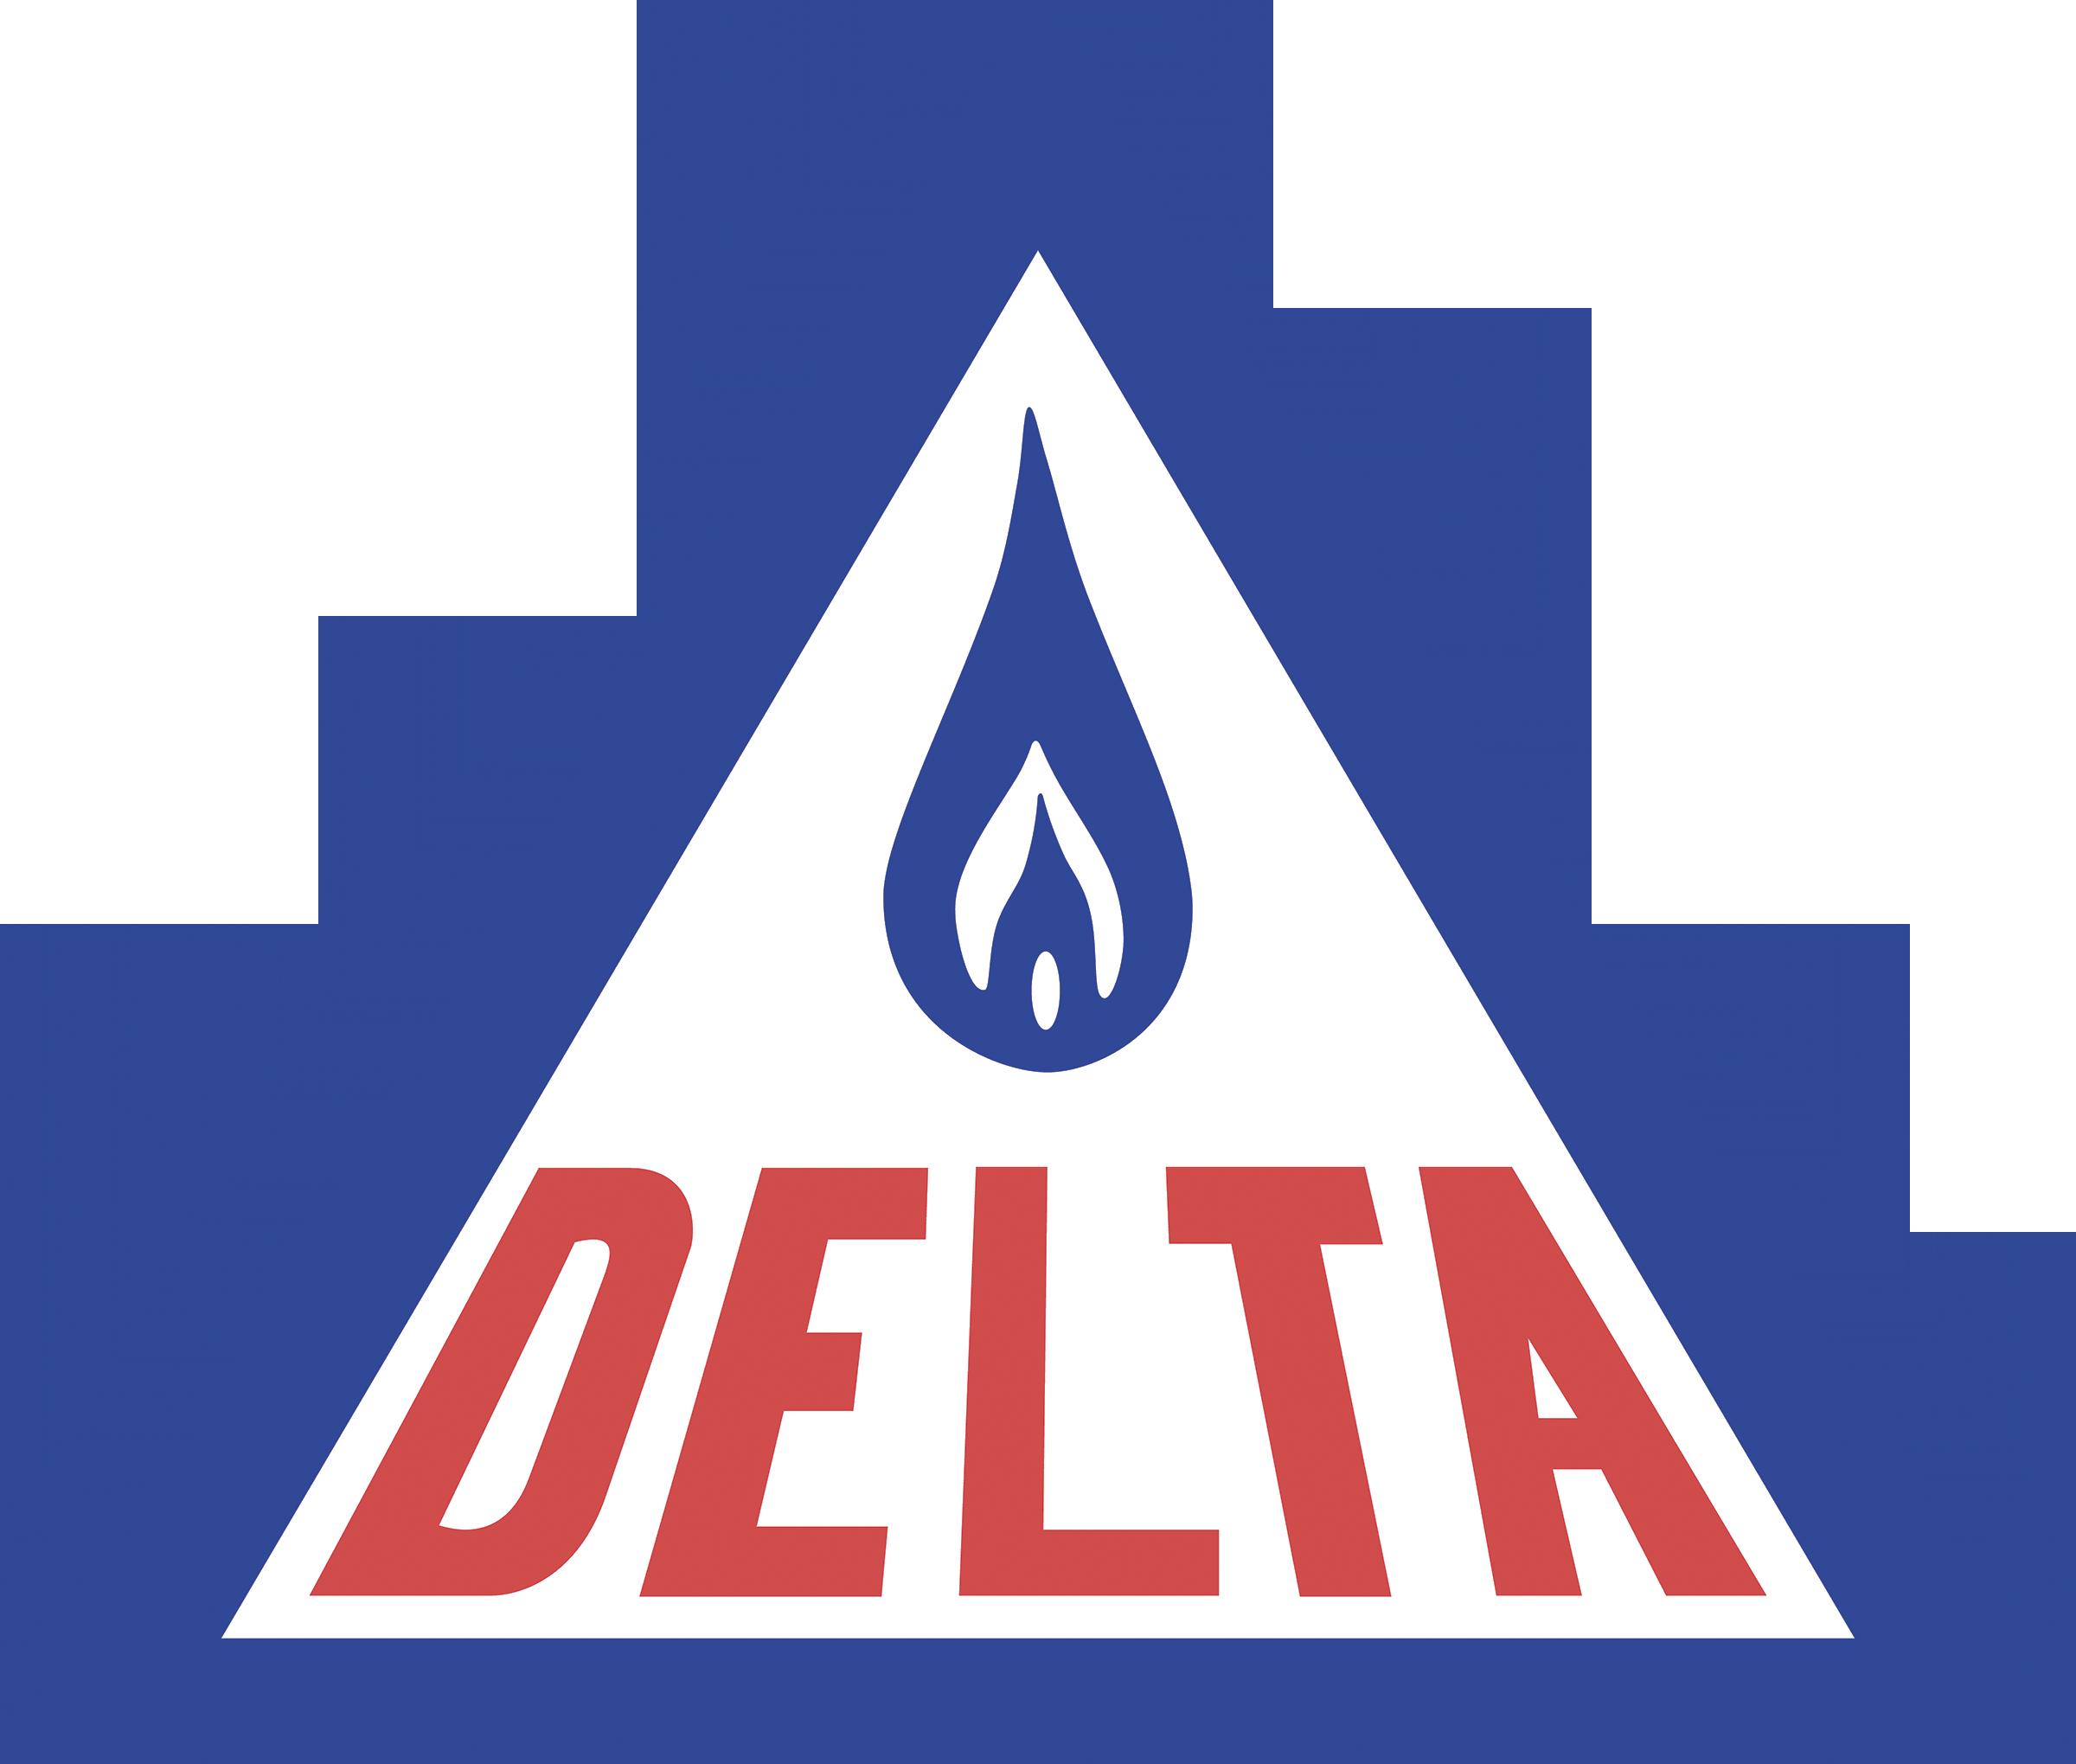 Delta Png Logo.